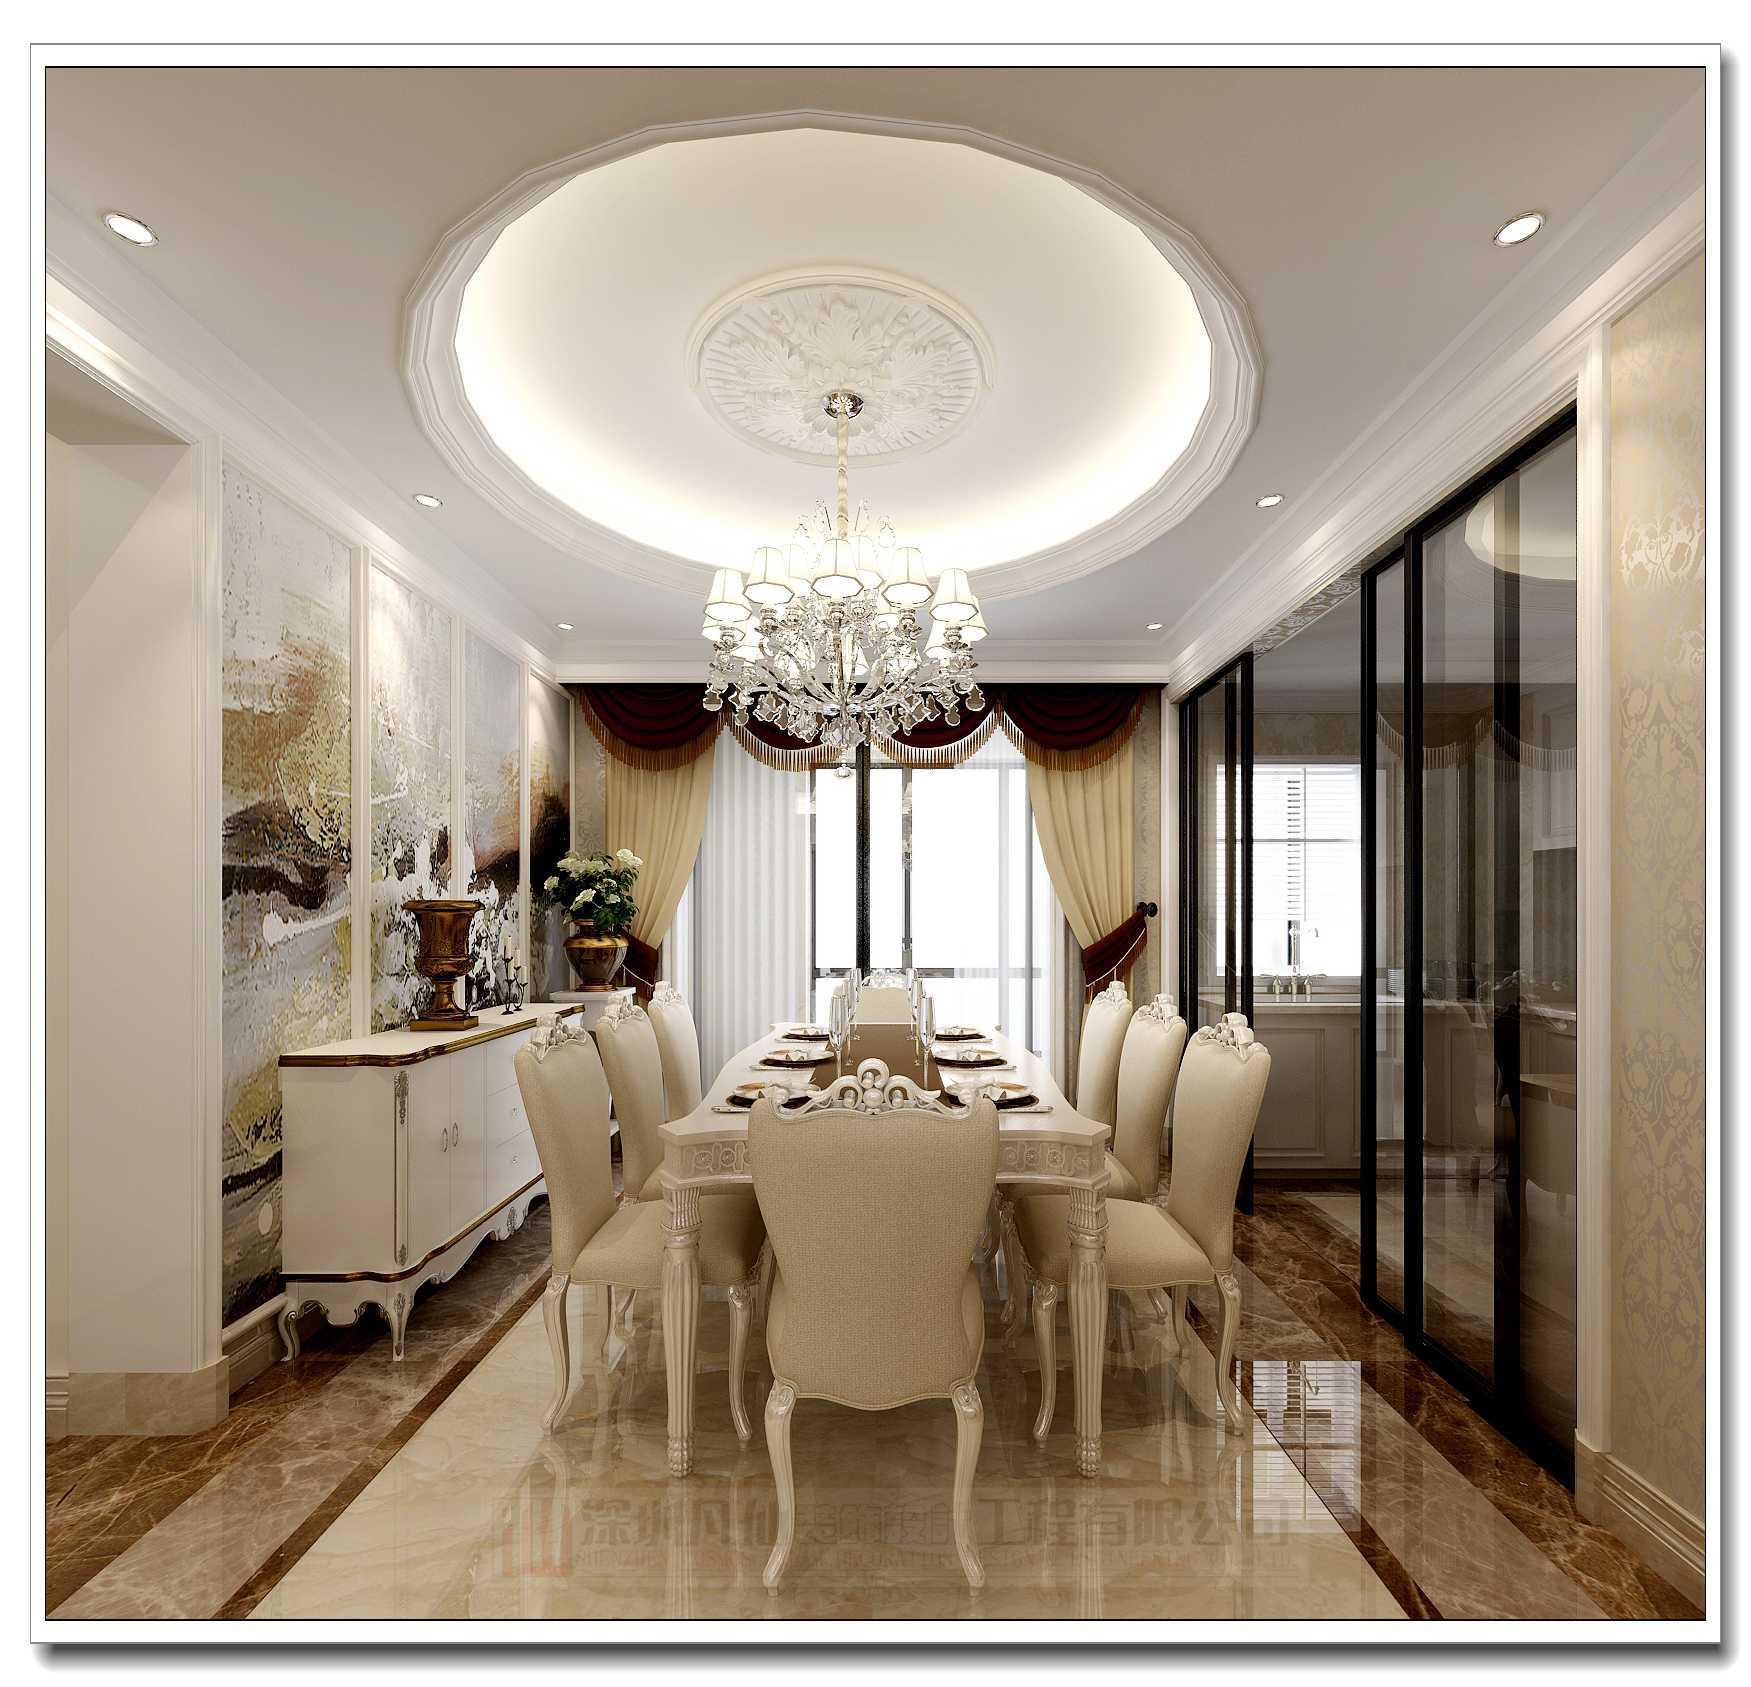 深圳凡仙装饰为您讲解客厅餐厅装修效果图之位置餐厅应位於客厅和厨房